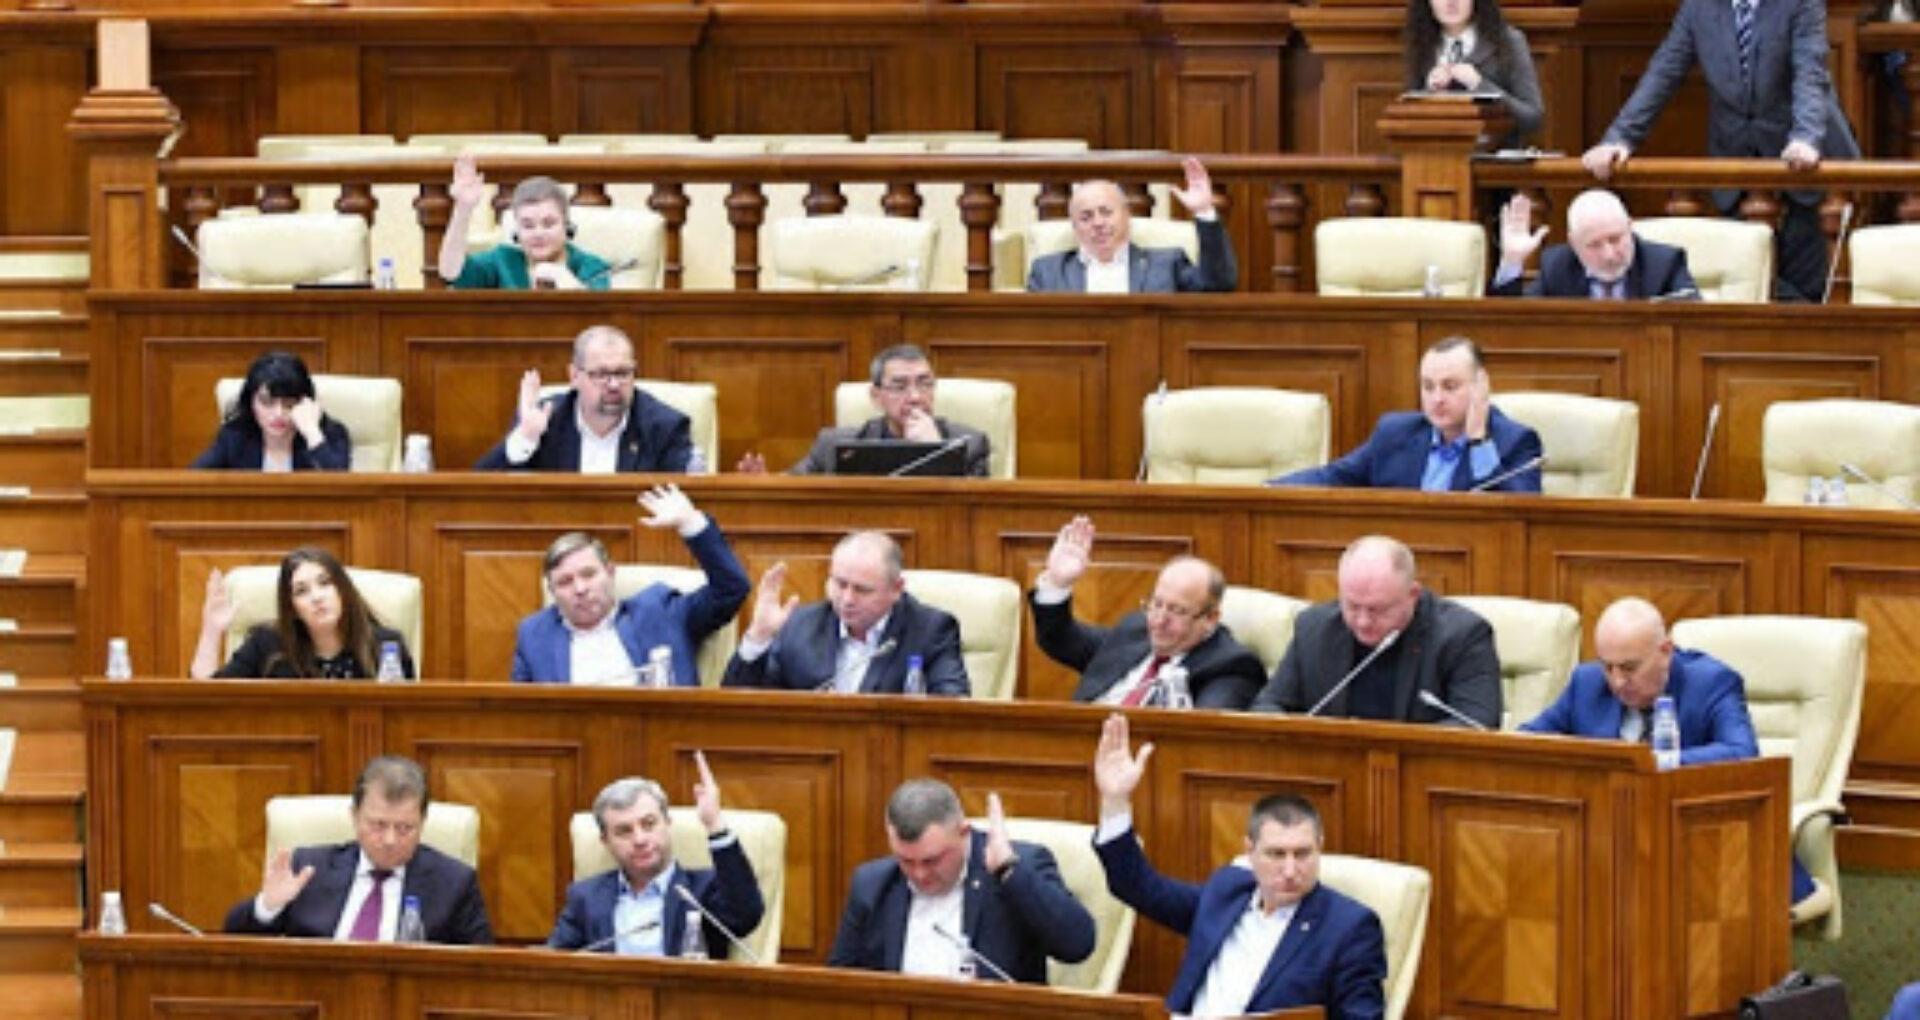 Interpelări la ANI: Reniță cere să fie verificate averile socialiștilor Bolea, Furculiță și Odnostalco